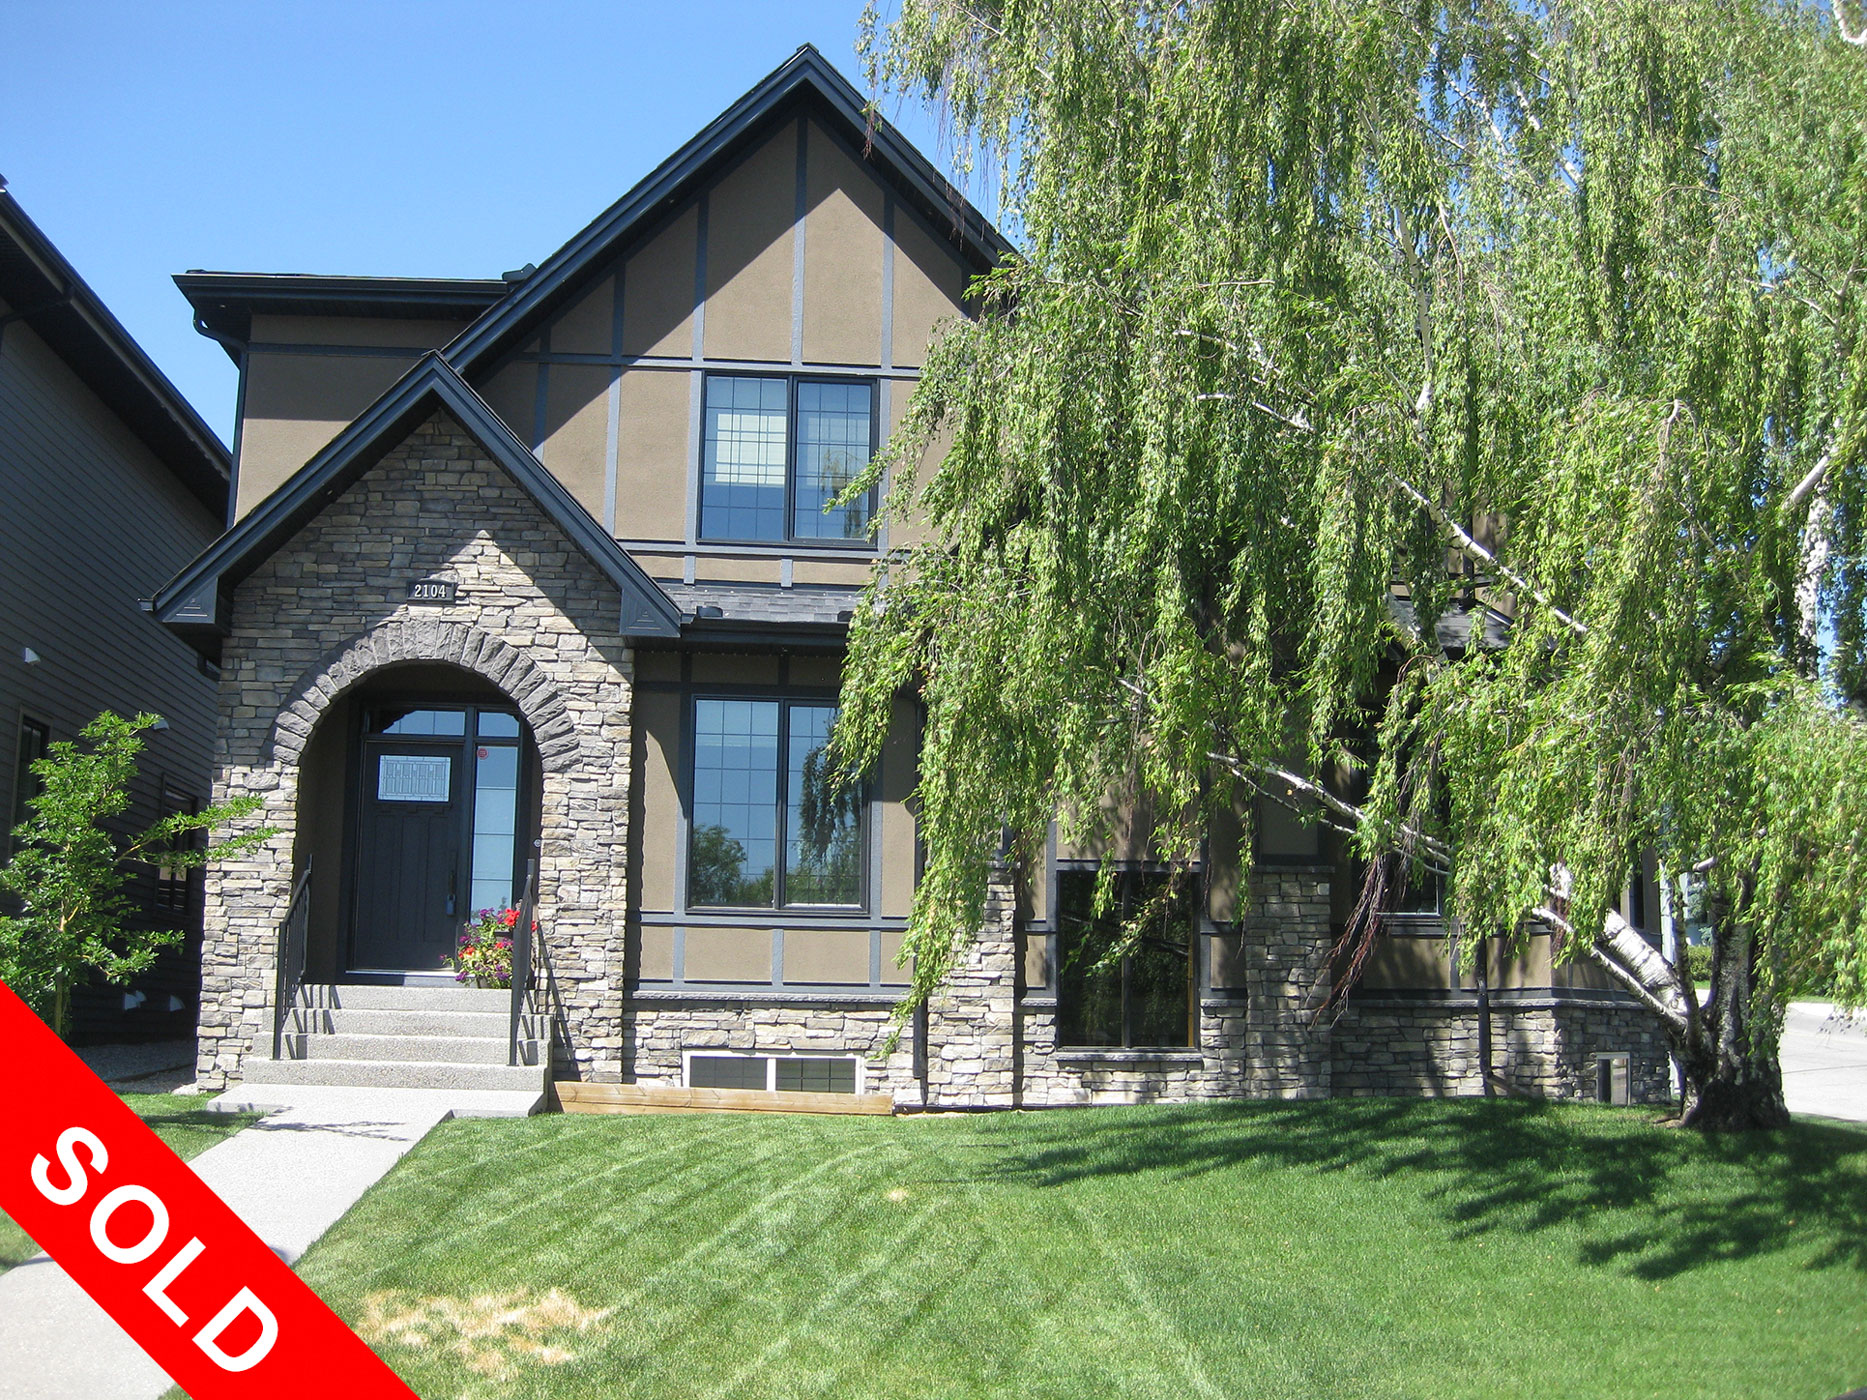 2104 31 Ave. SW, Calgary